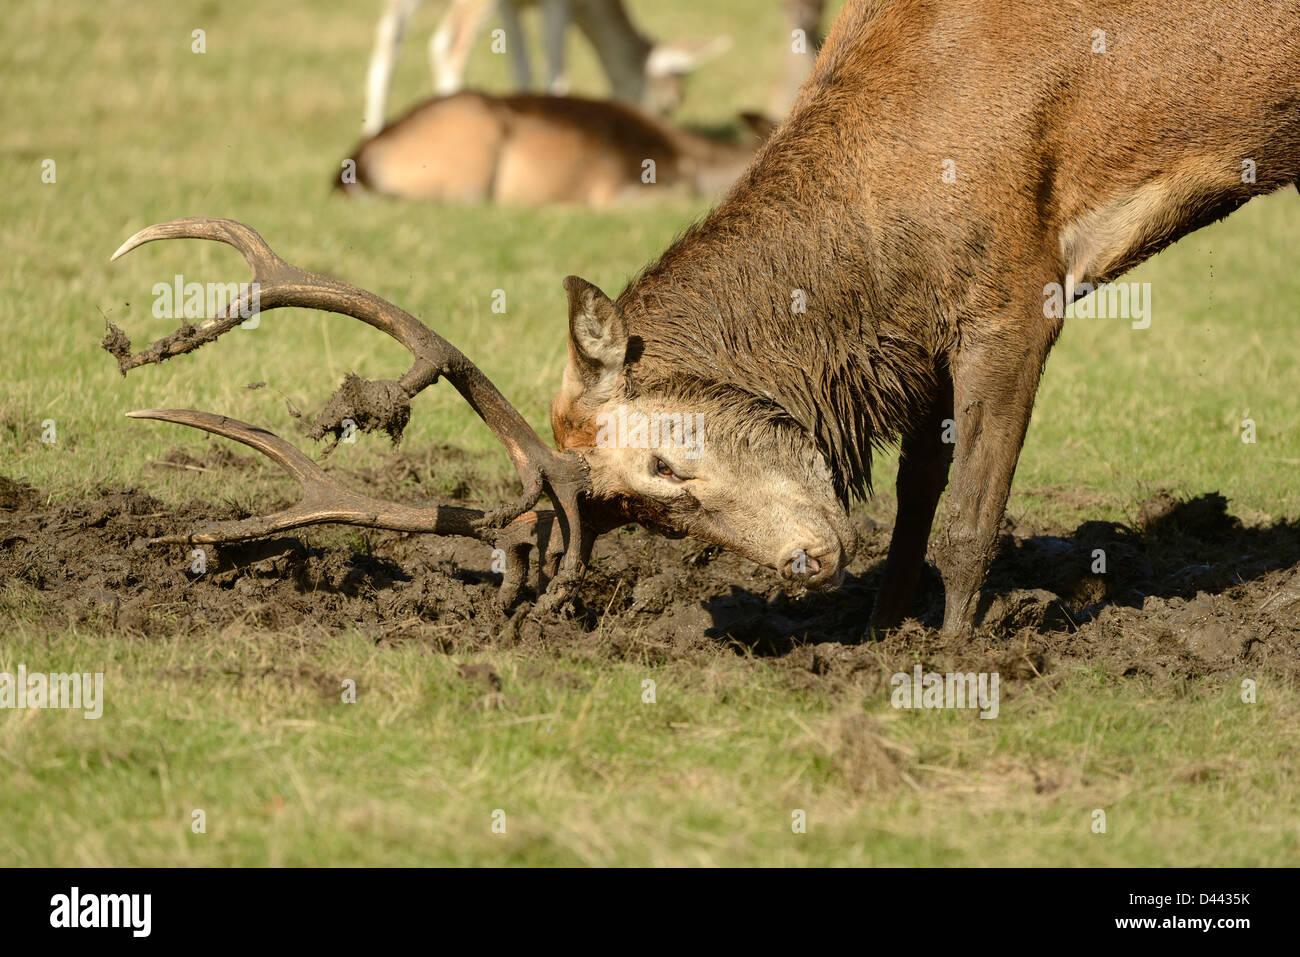 Ciervo rojo (Cervus elaphus) cubriendo el ciervo Cornamenta en barro durante la rutina, Richmond Park, Inglaterra, Imagen De Stock